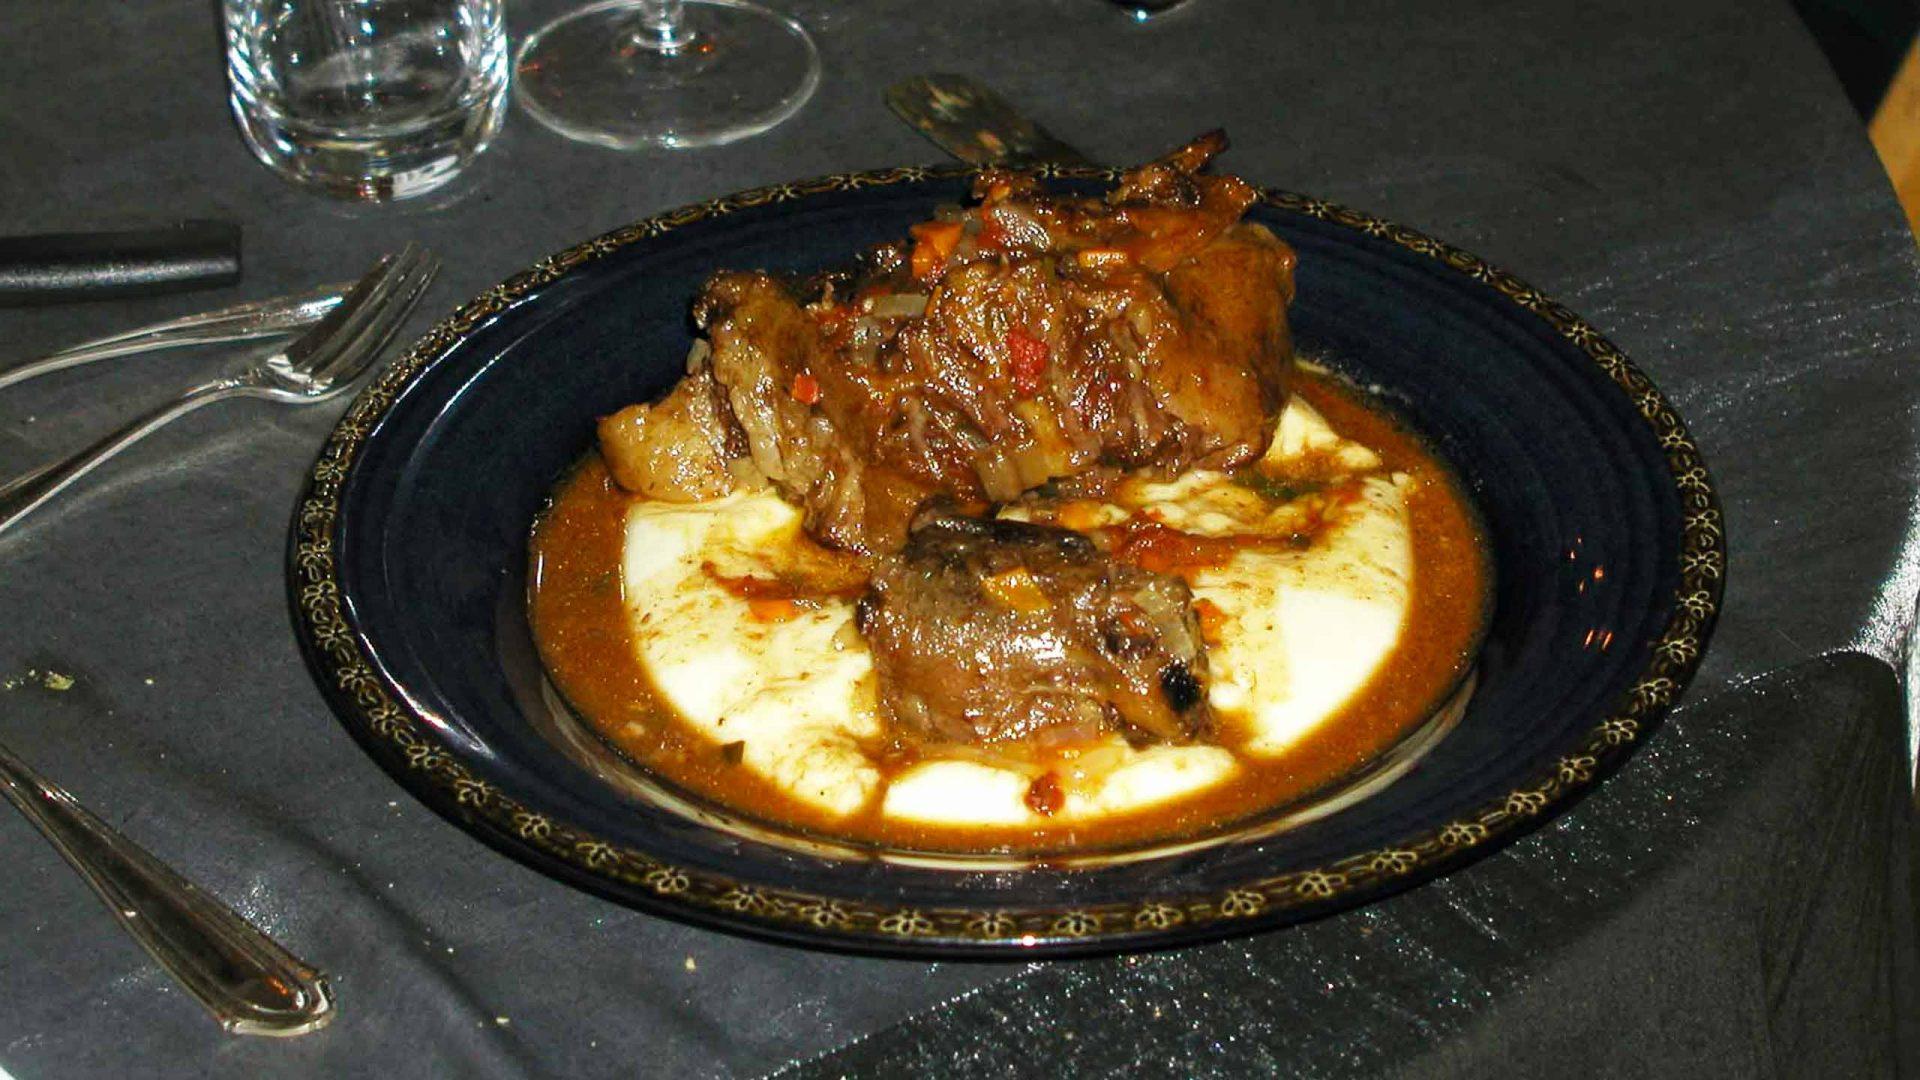 זנב שור בבישול איטי מוגש על מצע פירה